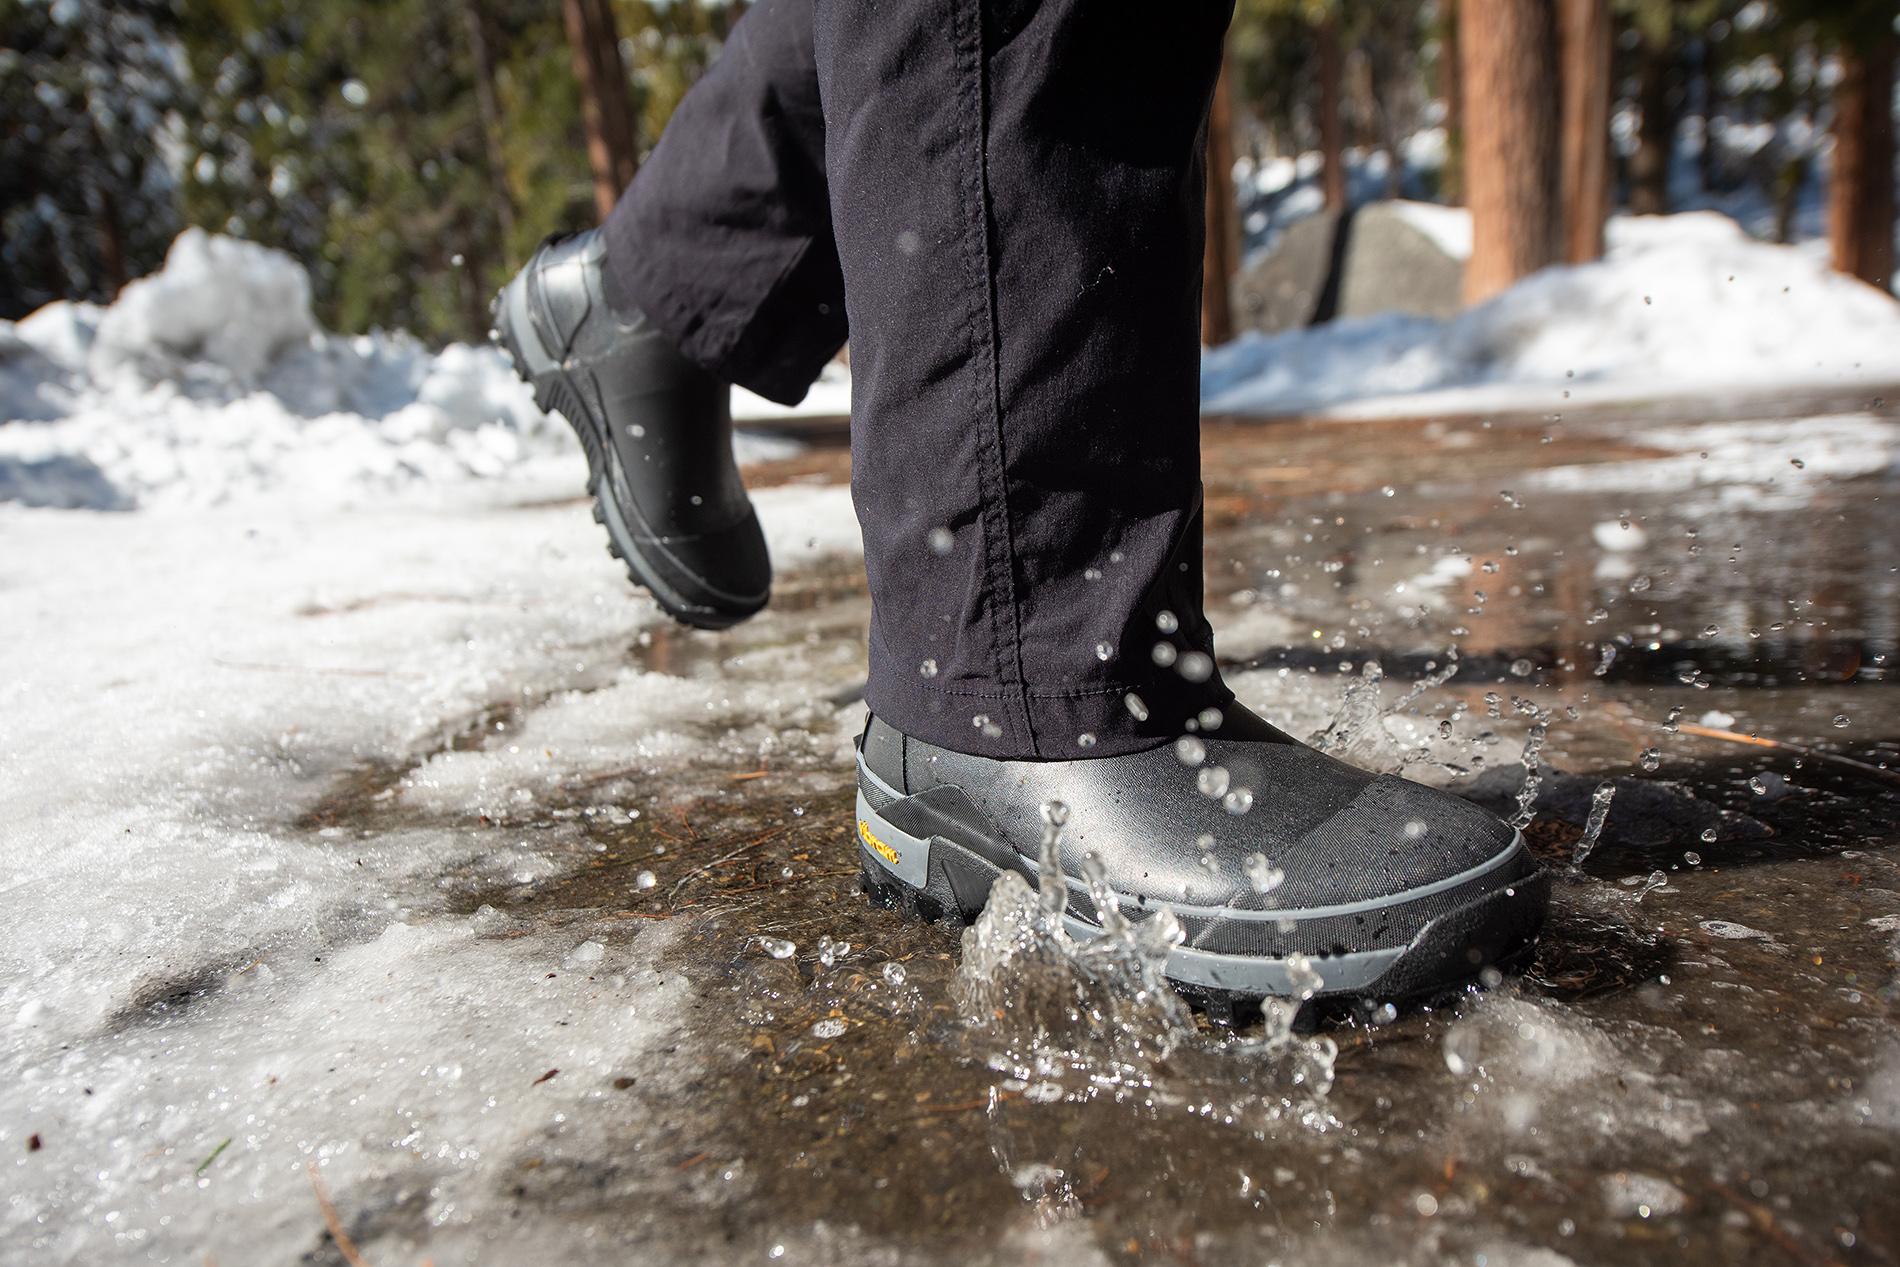 Men's winter boots in snowy scene